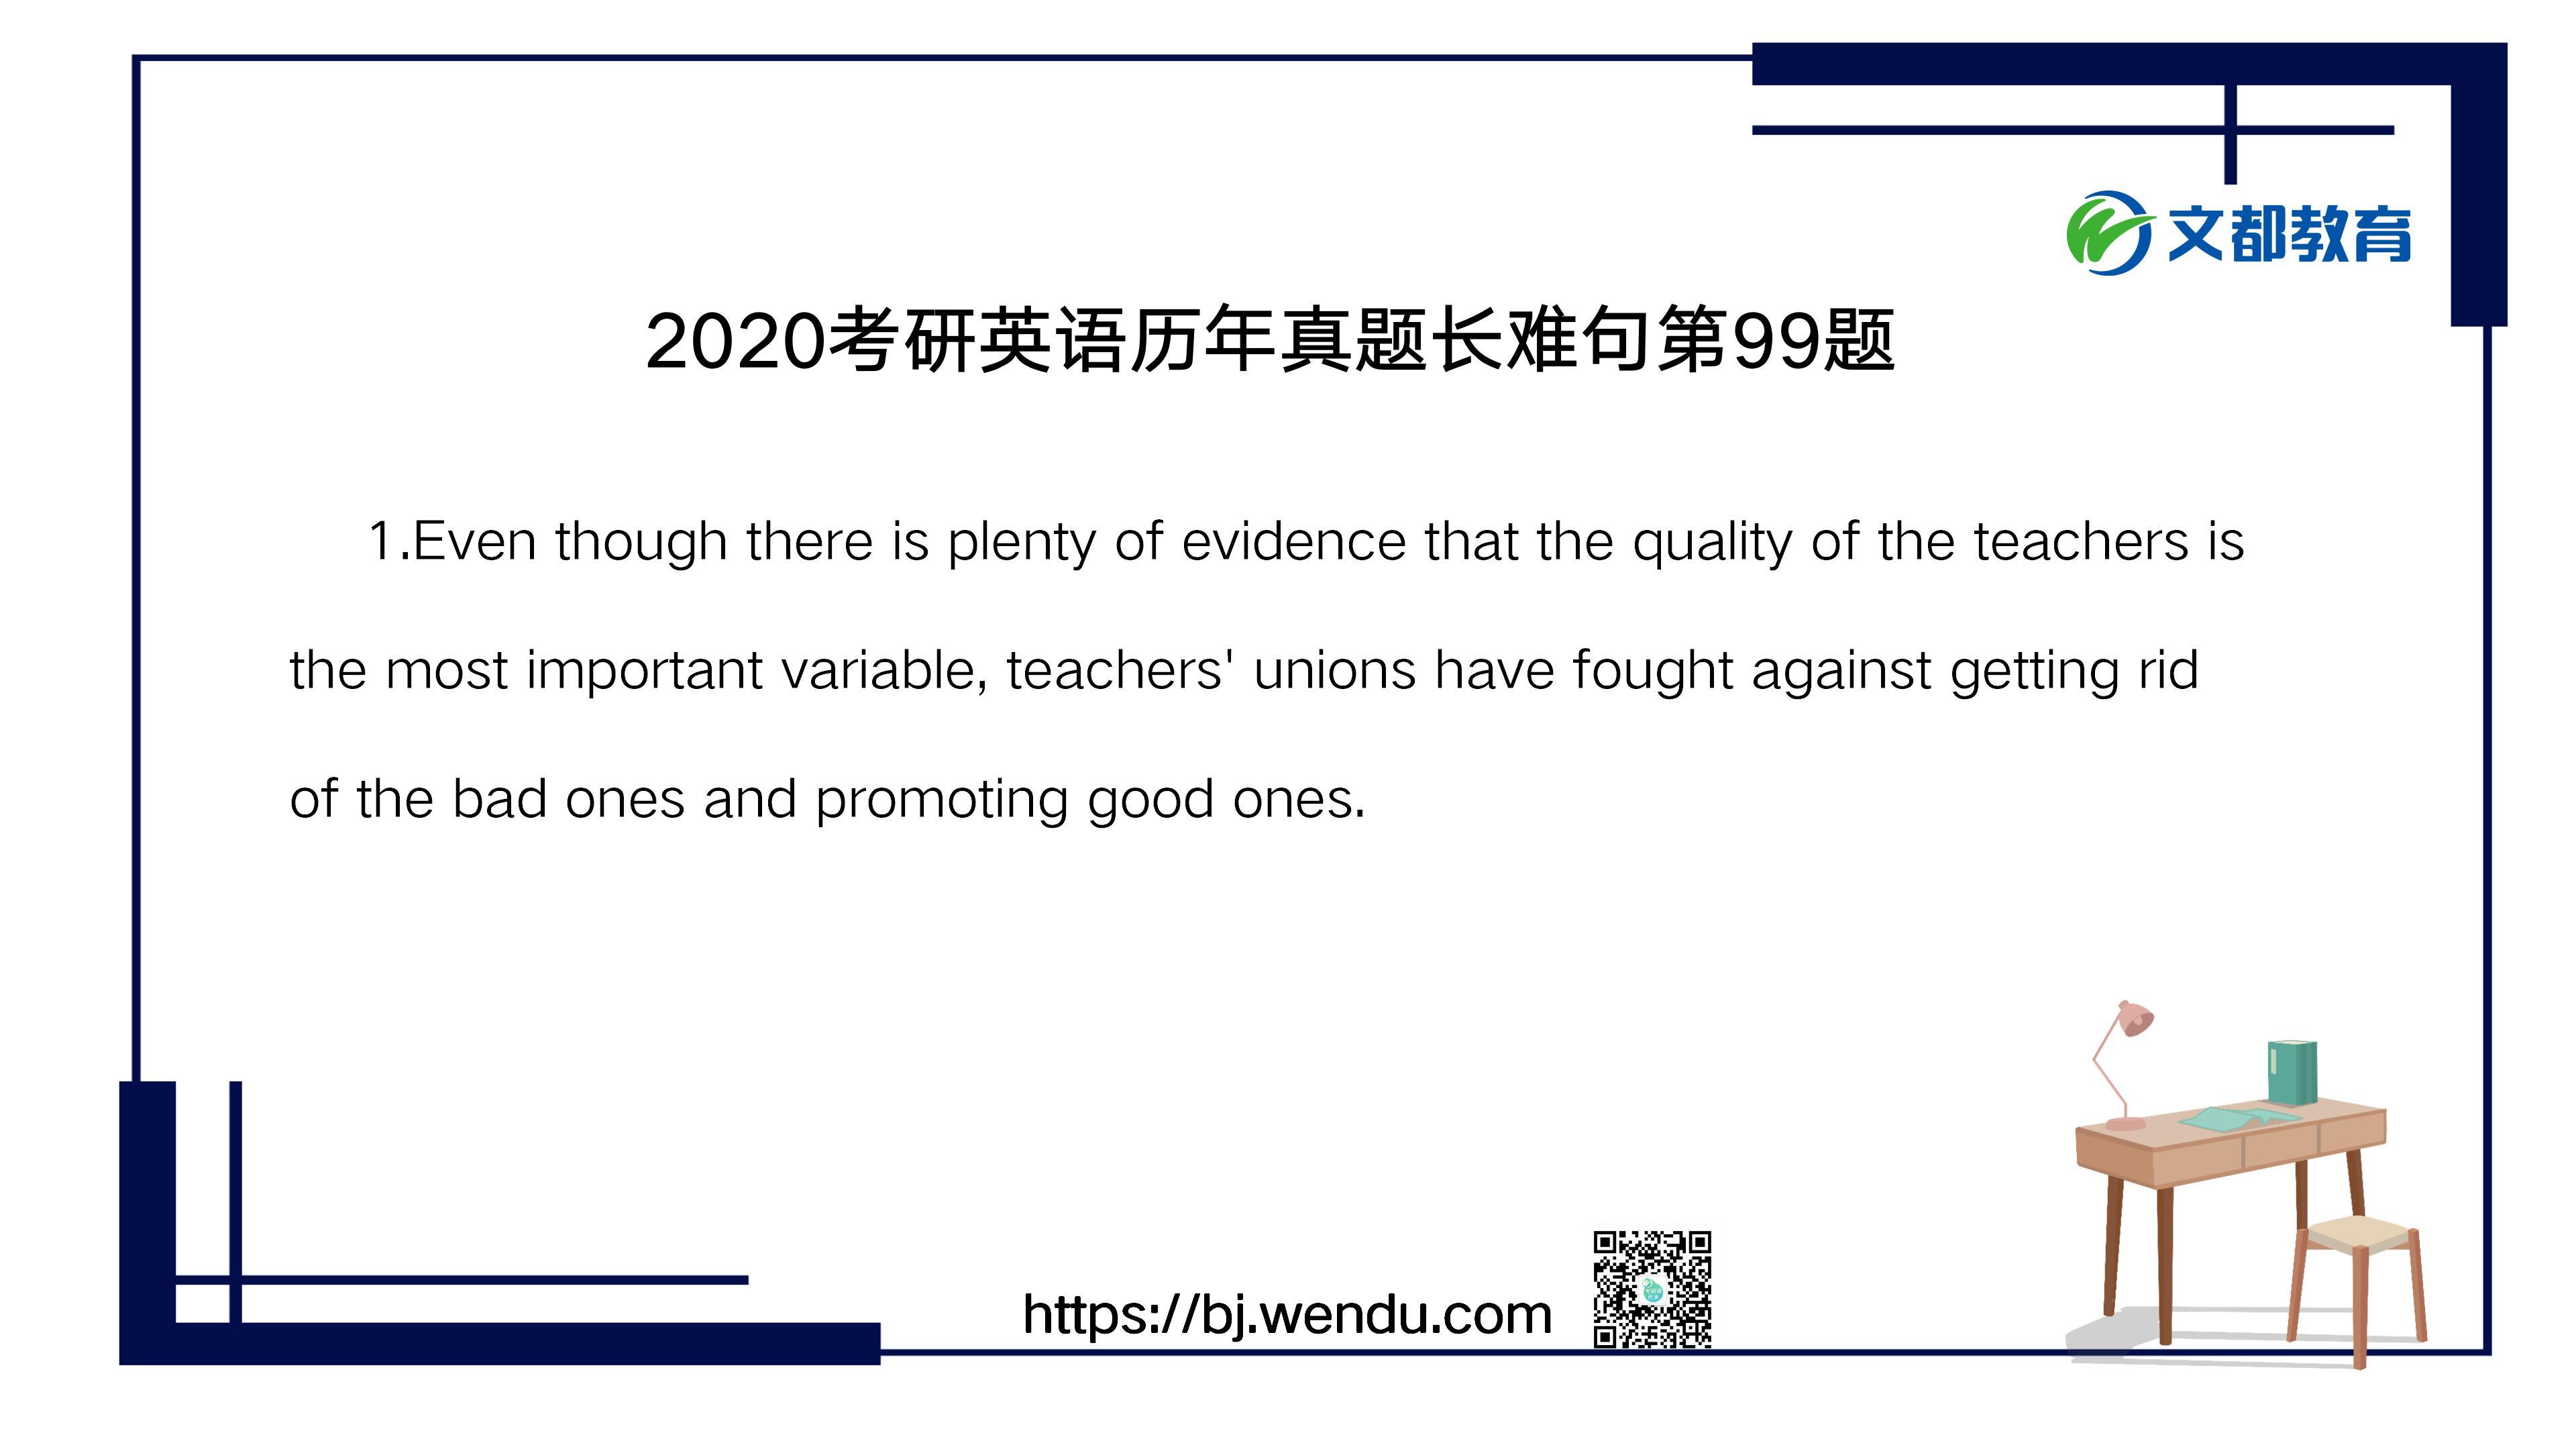 2020考研英语历年真题长难句第99题